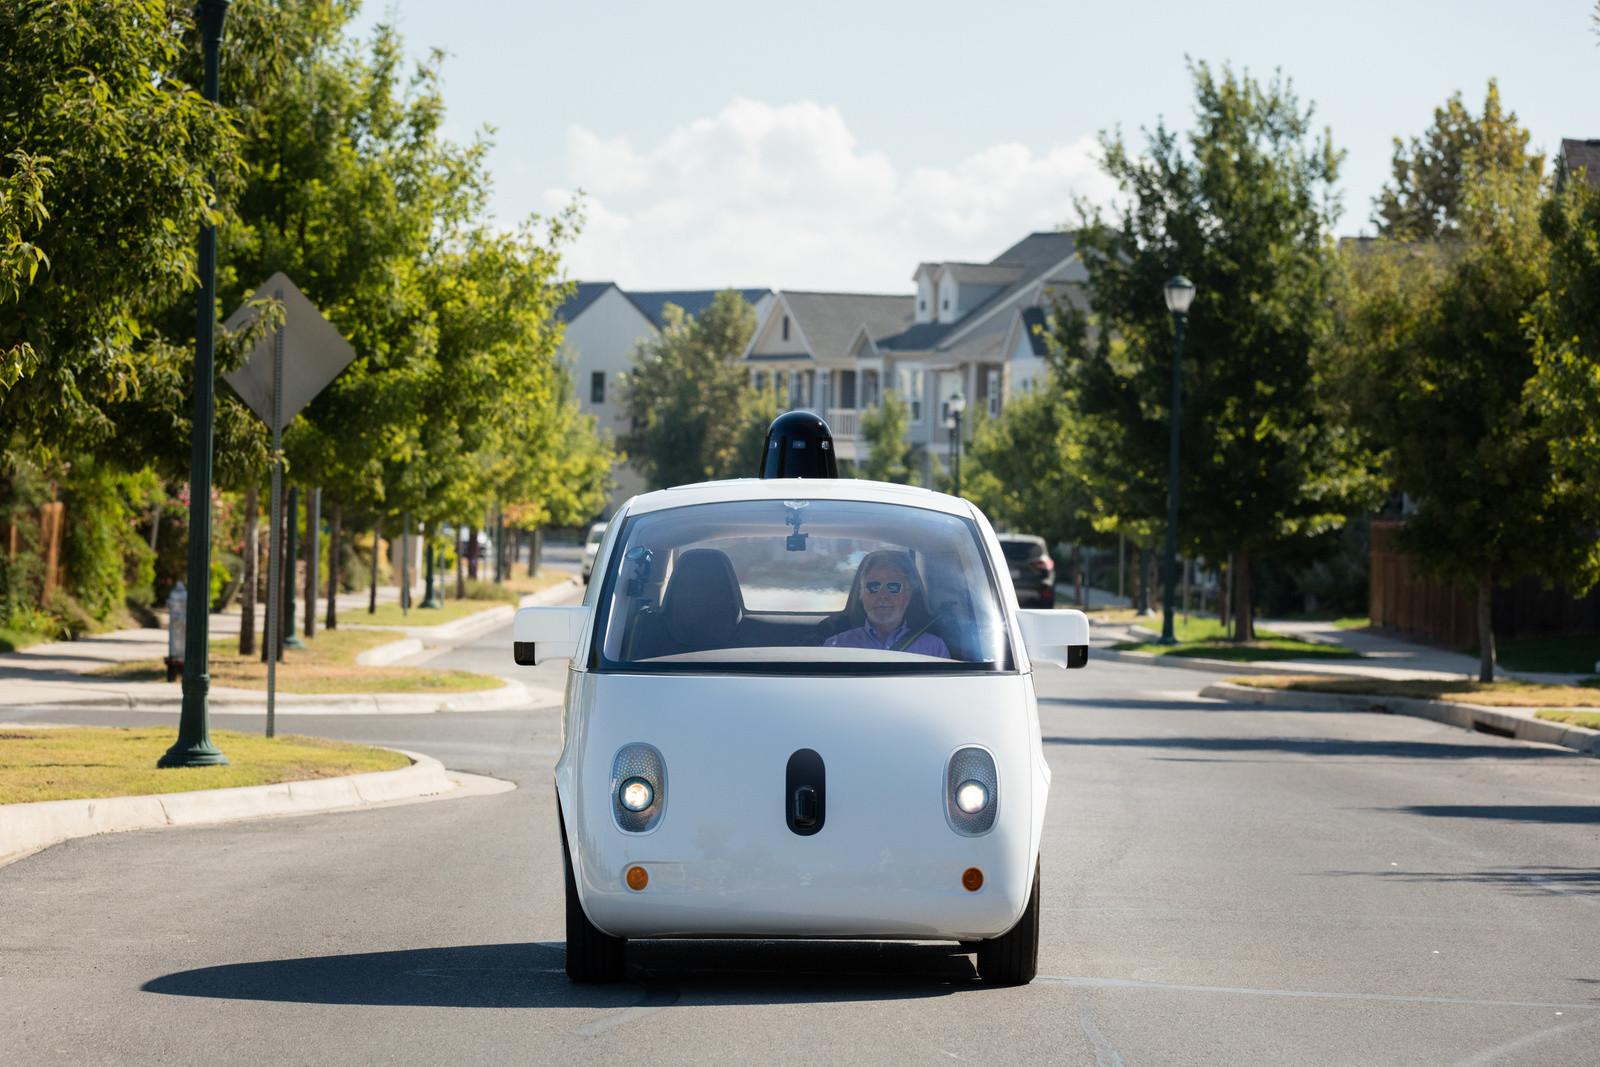 auto guida autonoma (fonte: wymo.com)